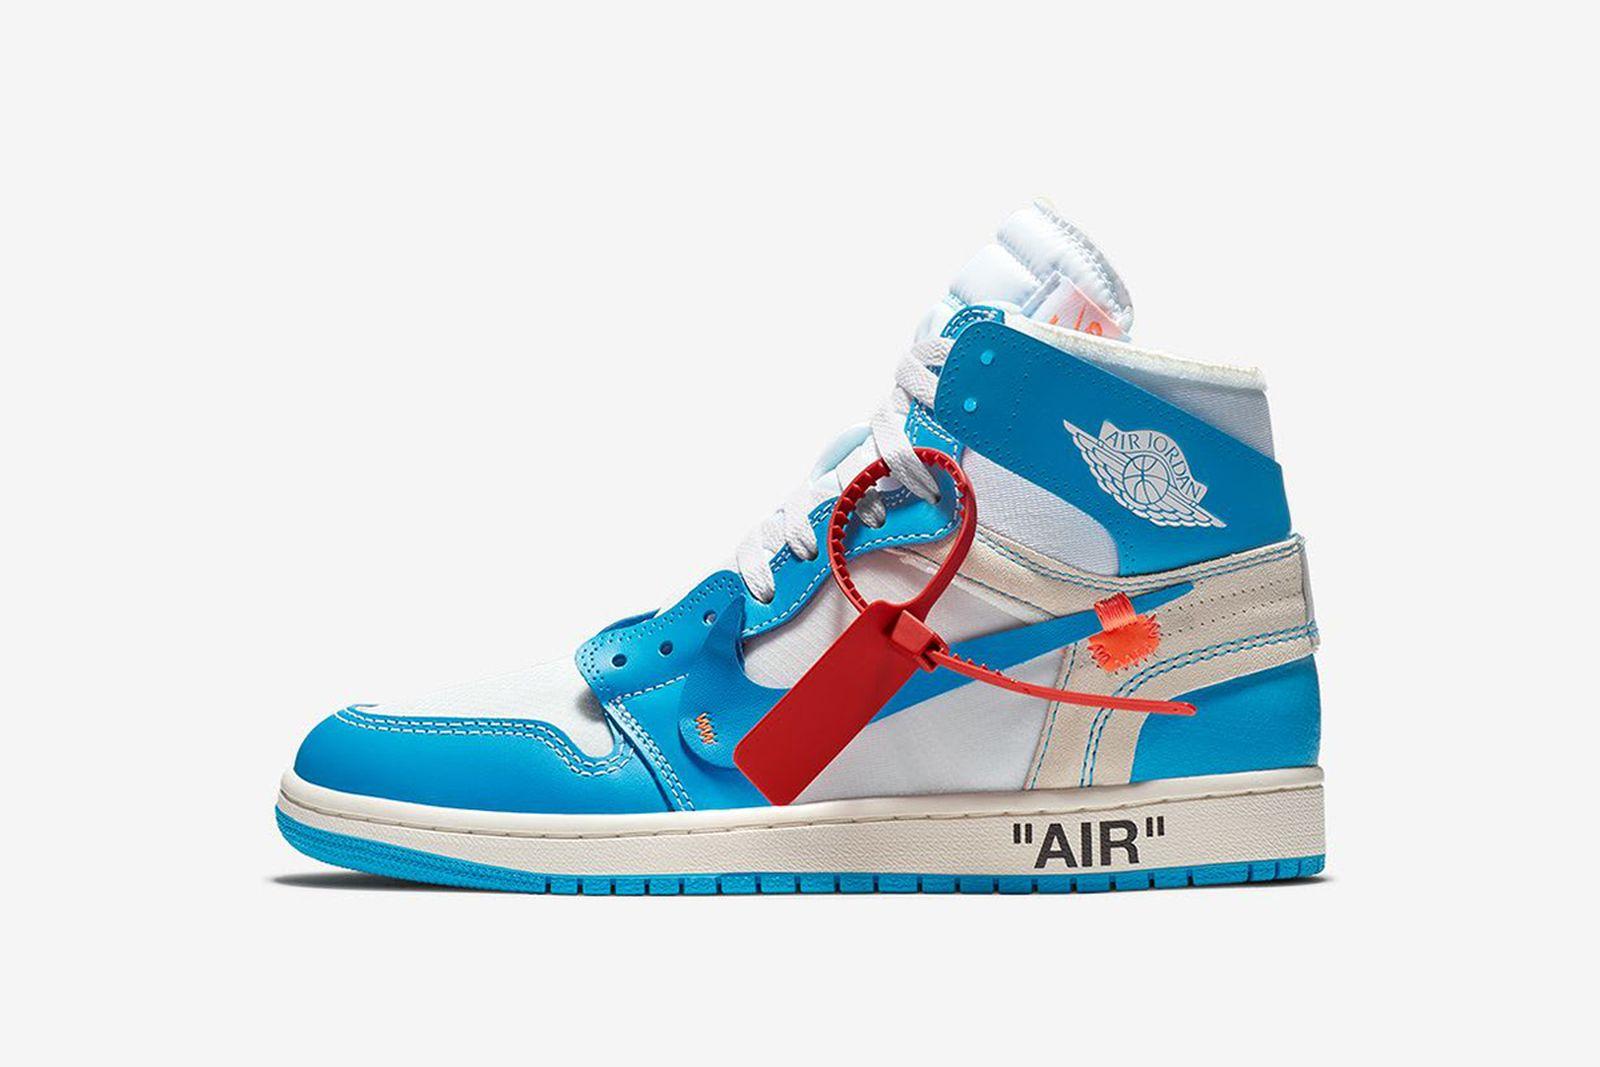 jordan 1 blue GOAT Nike The Ten OFF-WHITE c/o Virgil Abloh